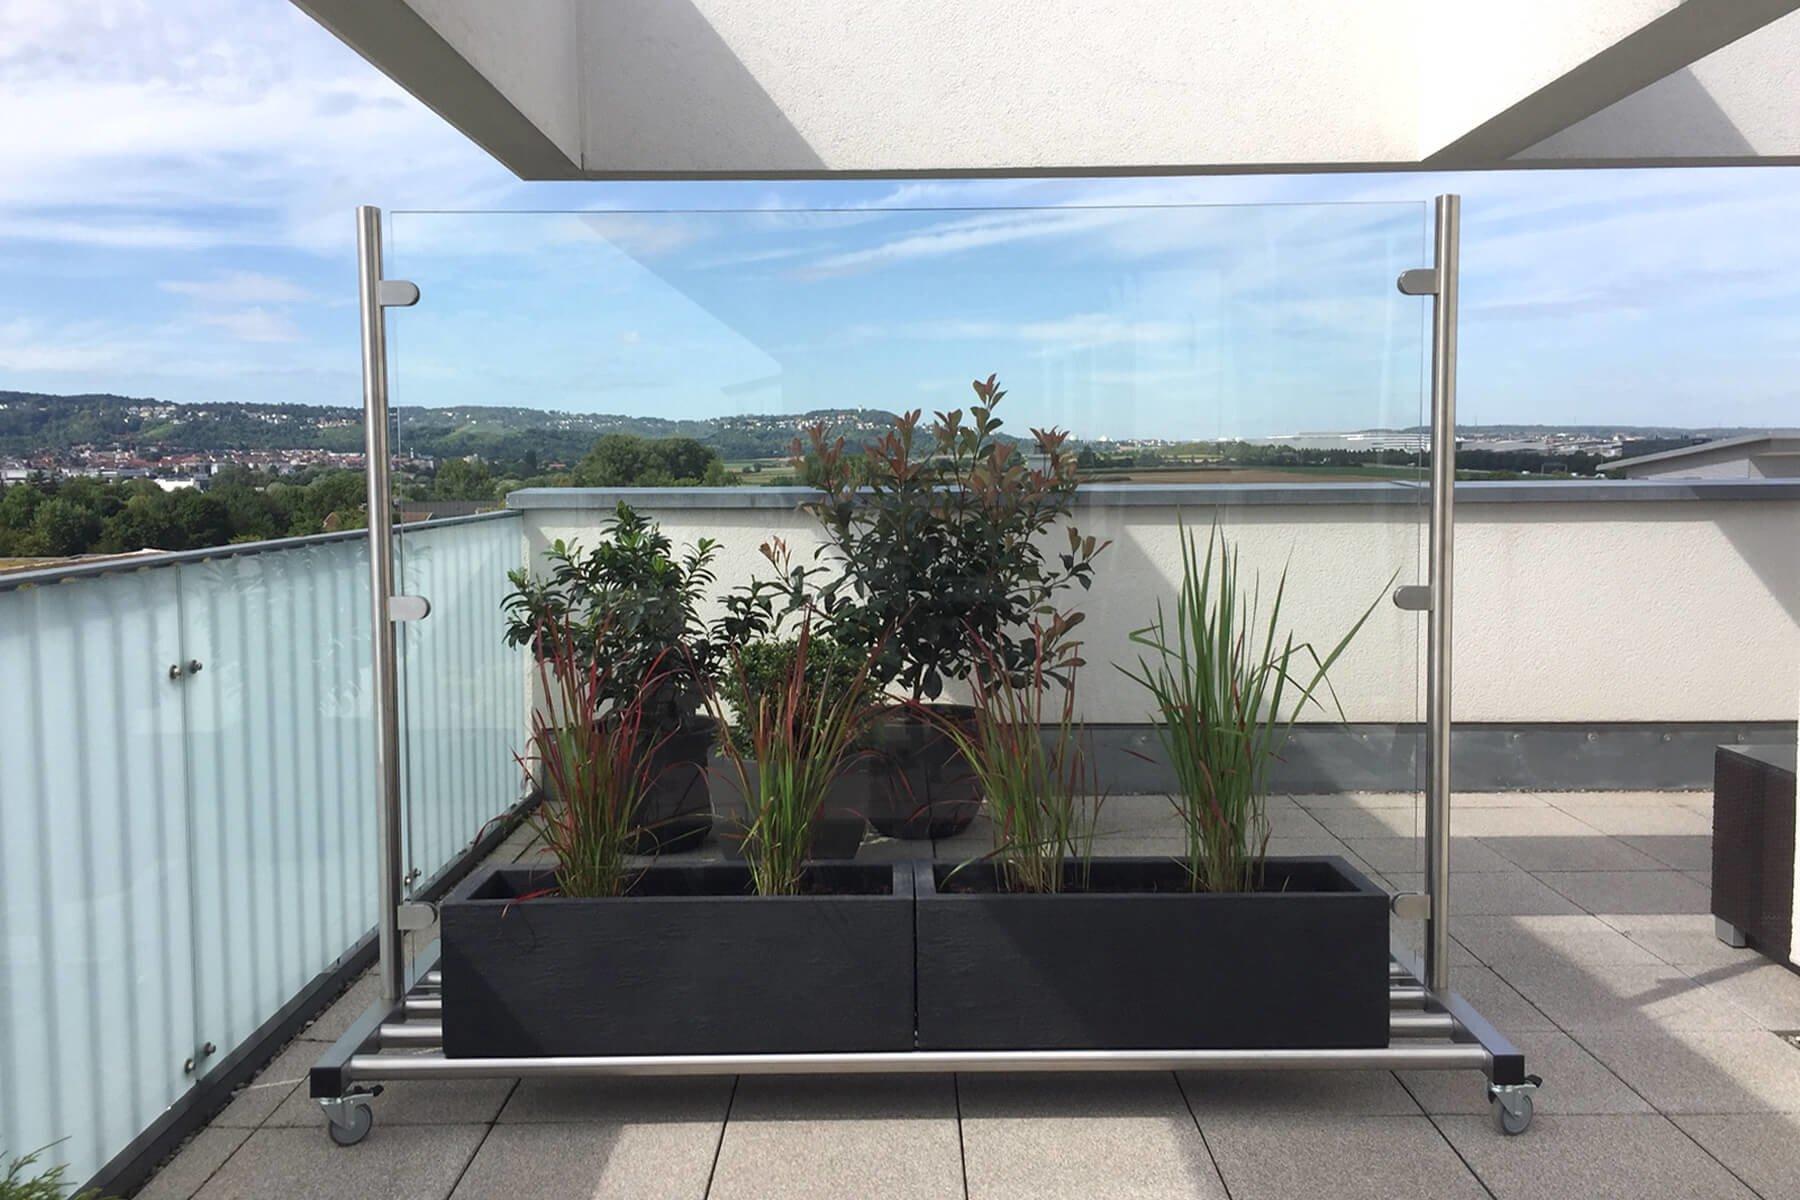 windschutz-rollbar-auf-rollen-ideal-fuer-garten-terrasse- oder-balkon-mit-ablageflaeche-fuer-pflanzen-modern-im-design- und-look